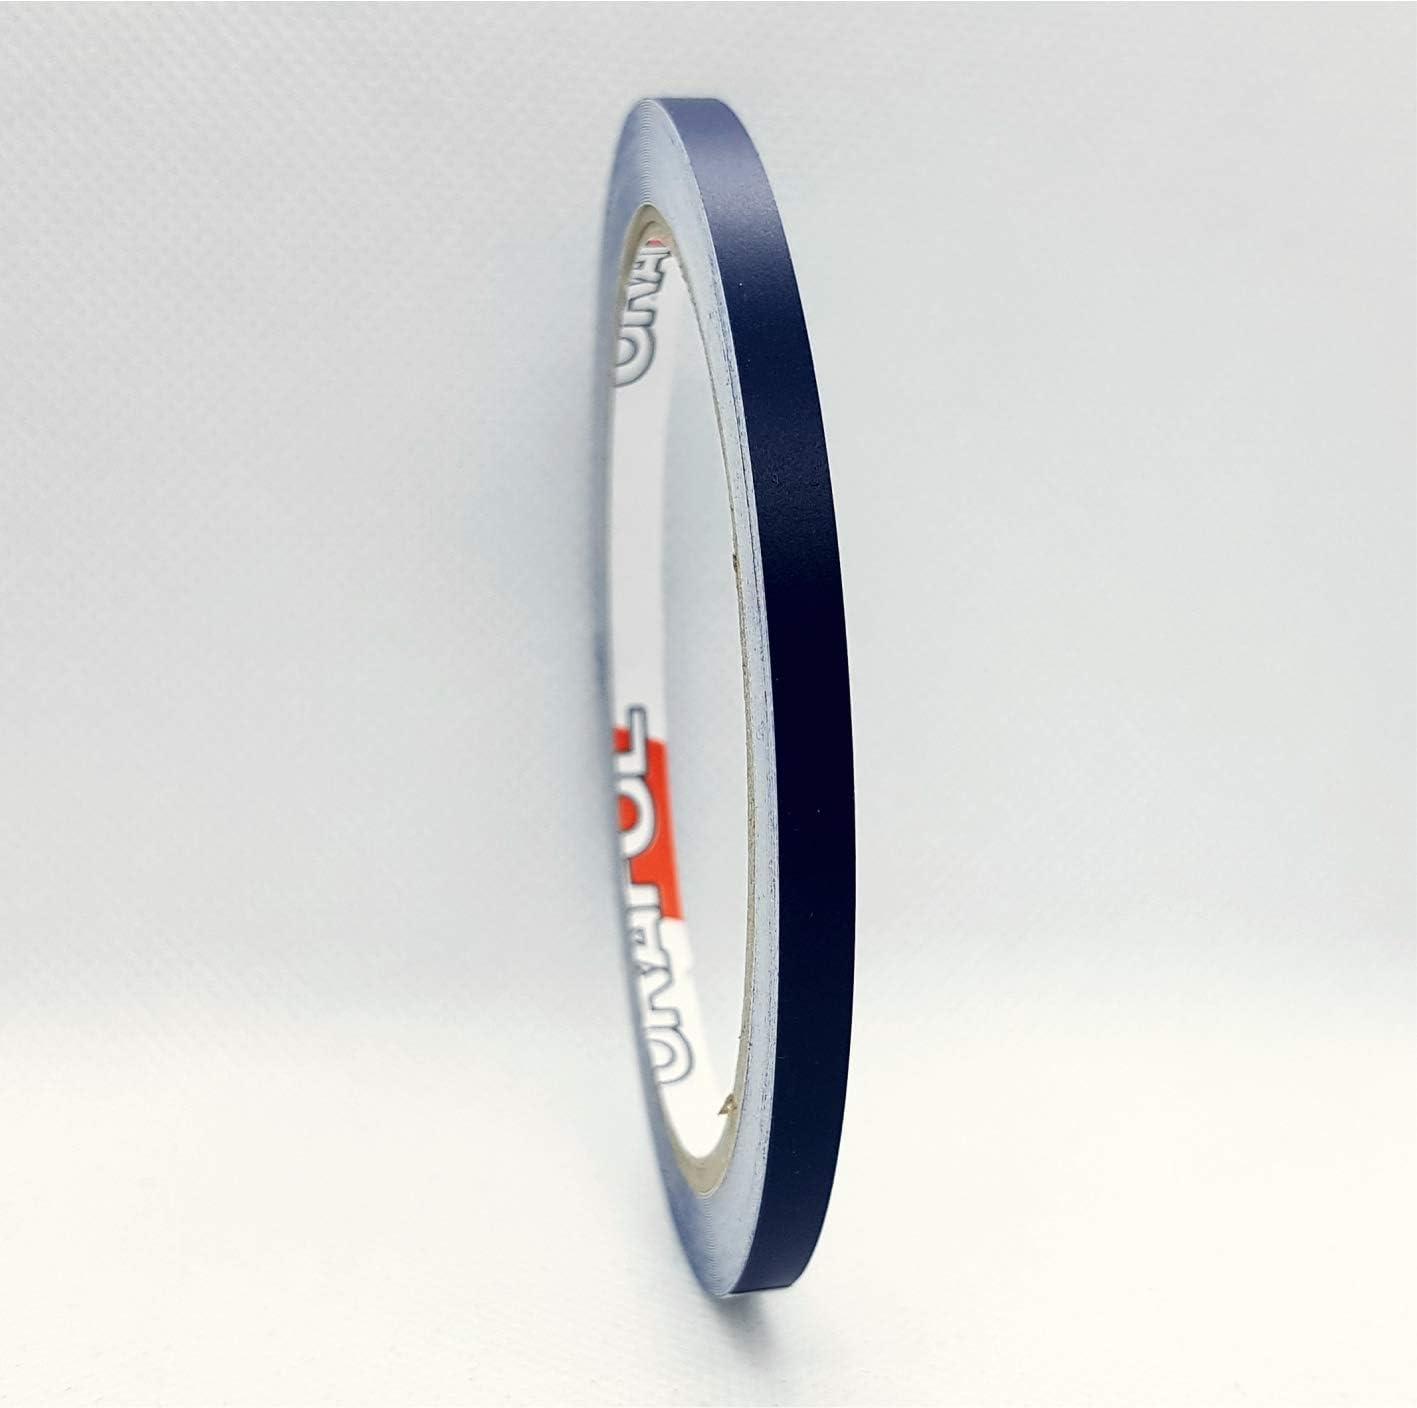 Siviwonder Matt stahlblau Marine Zierstreifen Aufkleber Breite 50mm L/änge 10m f/ür Auto Boot Klebeband blau 5cm